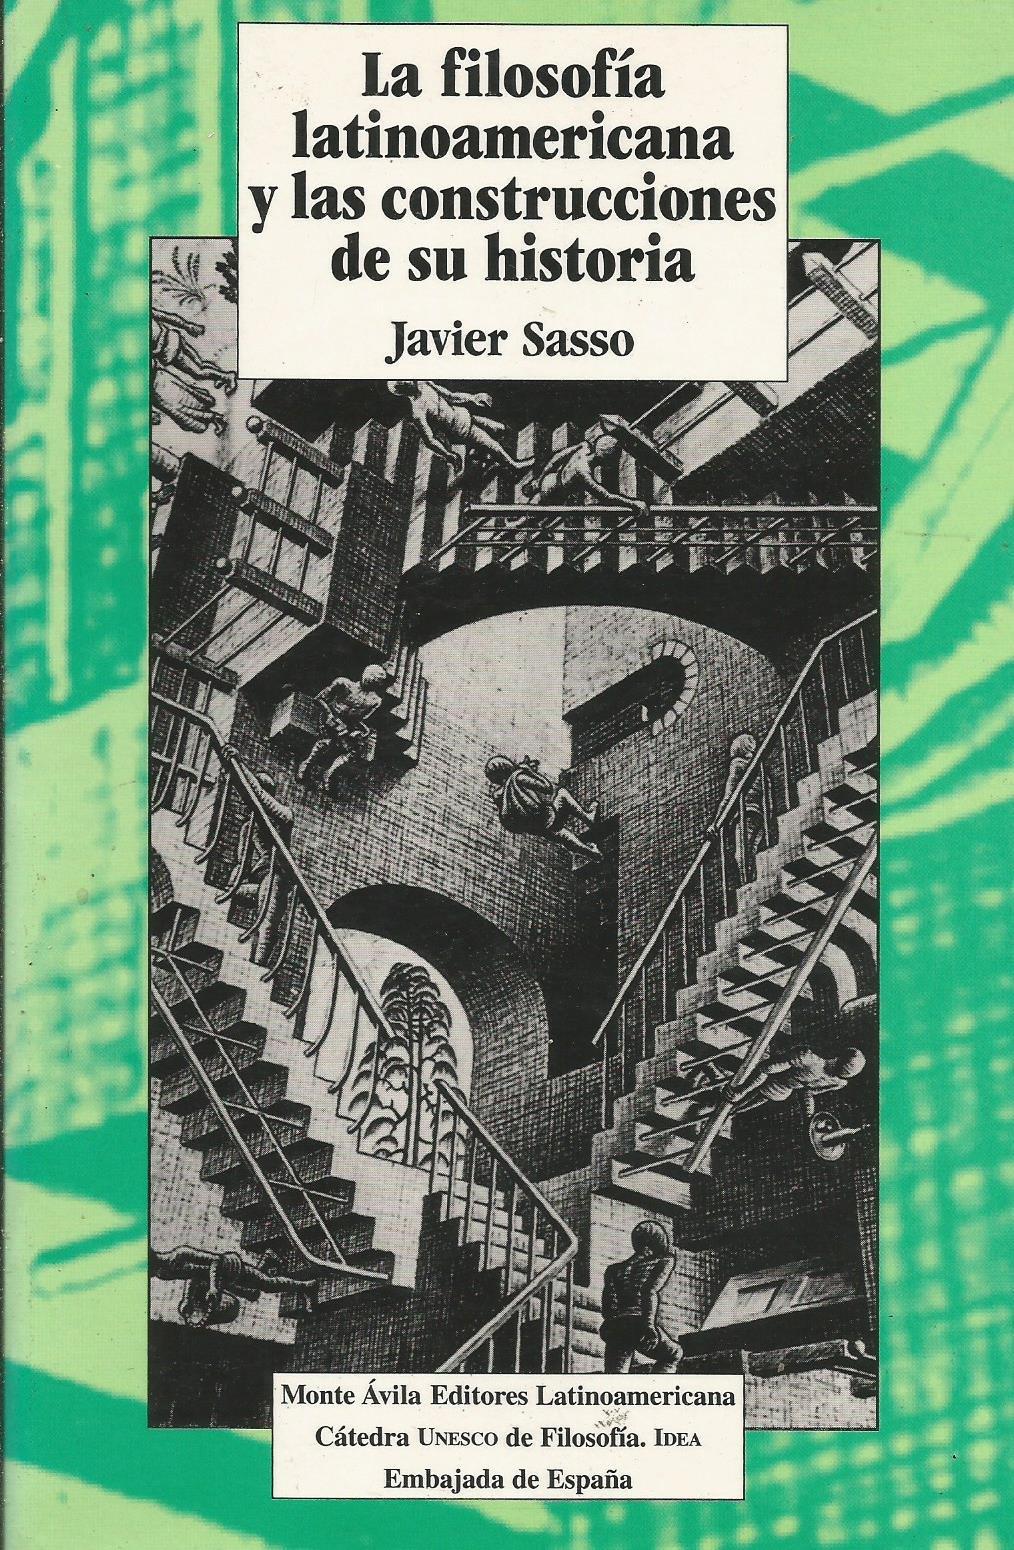 La filosofia latinoamericana y lasconstrucciones de su historia: Amazon.es: Sasso, Javier: Libros